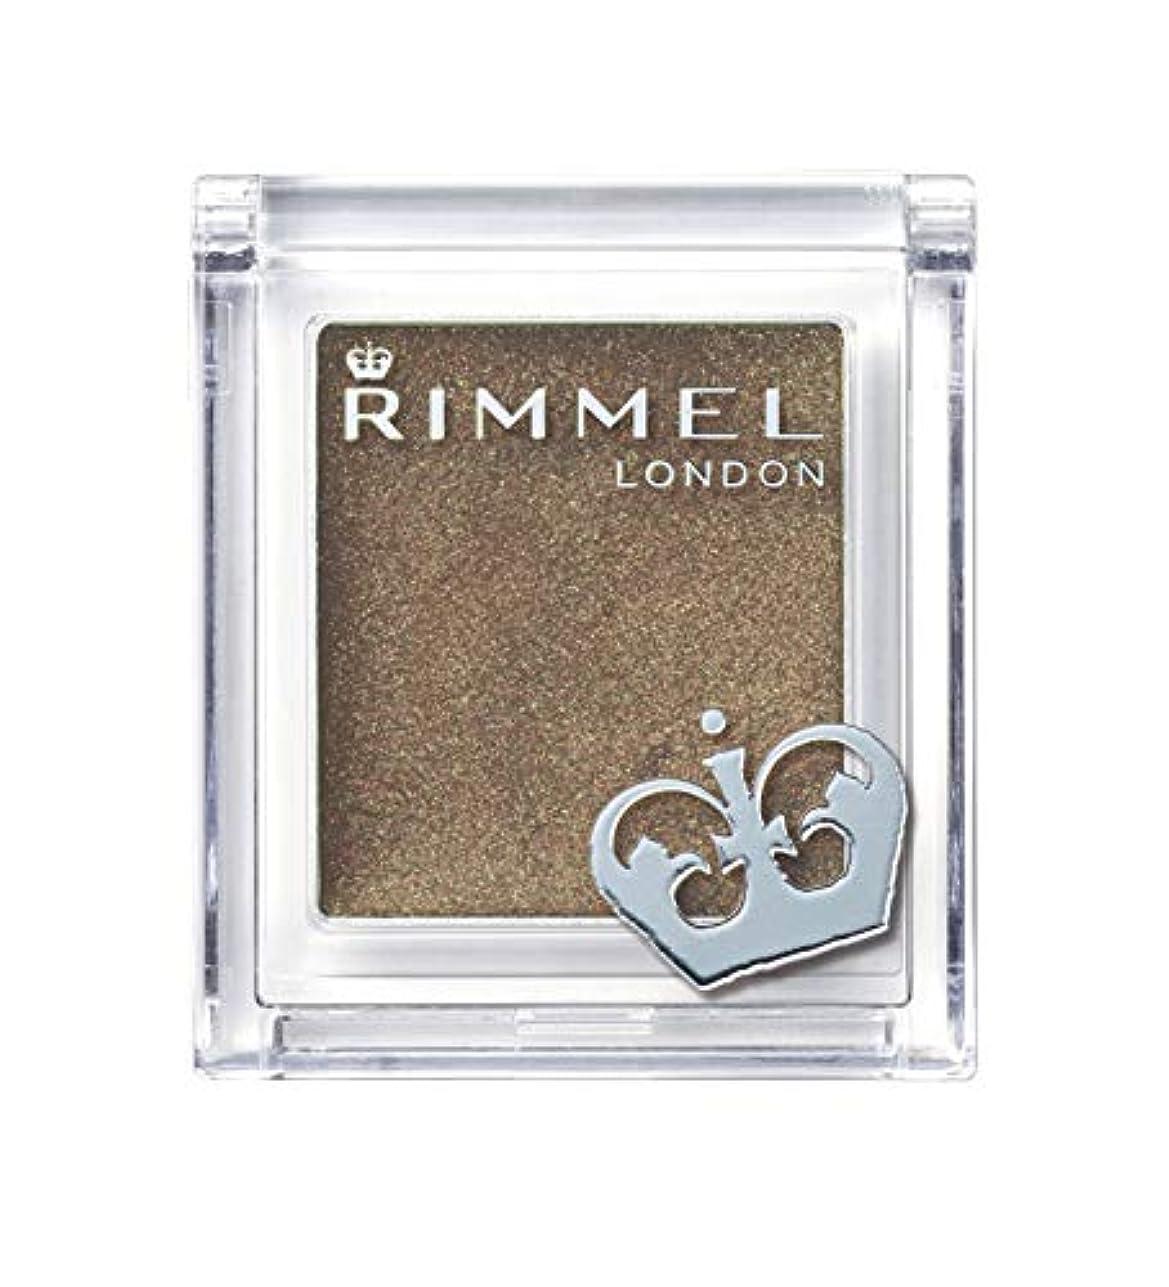 財布タンパク質驚いたRimmel (リンメル) リンメル プリズム パウダーアイカラー 025 スモーキーベージュ 1.5g アイシャドウ